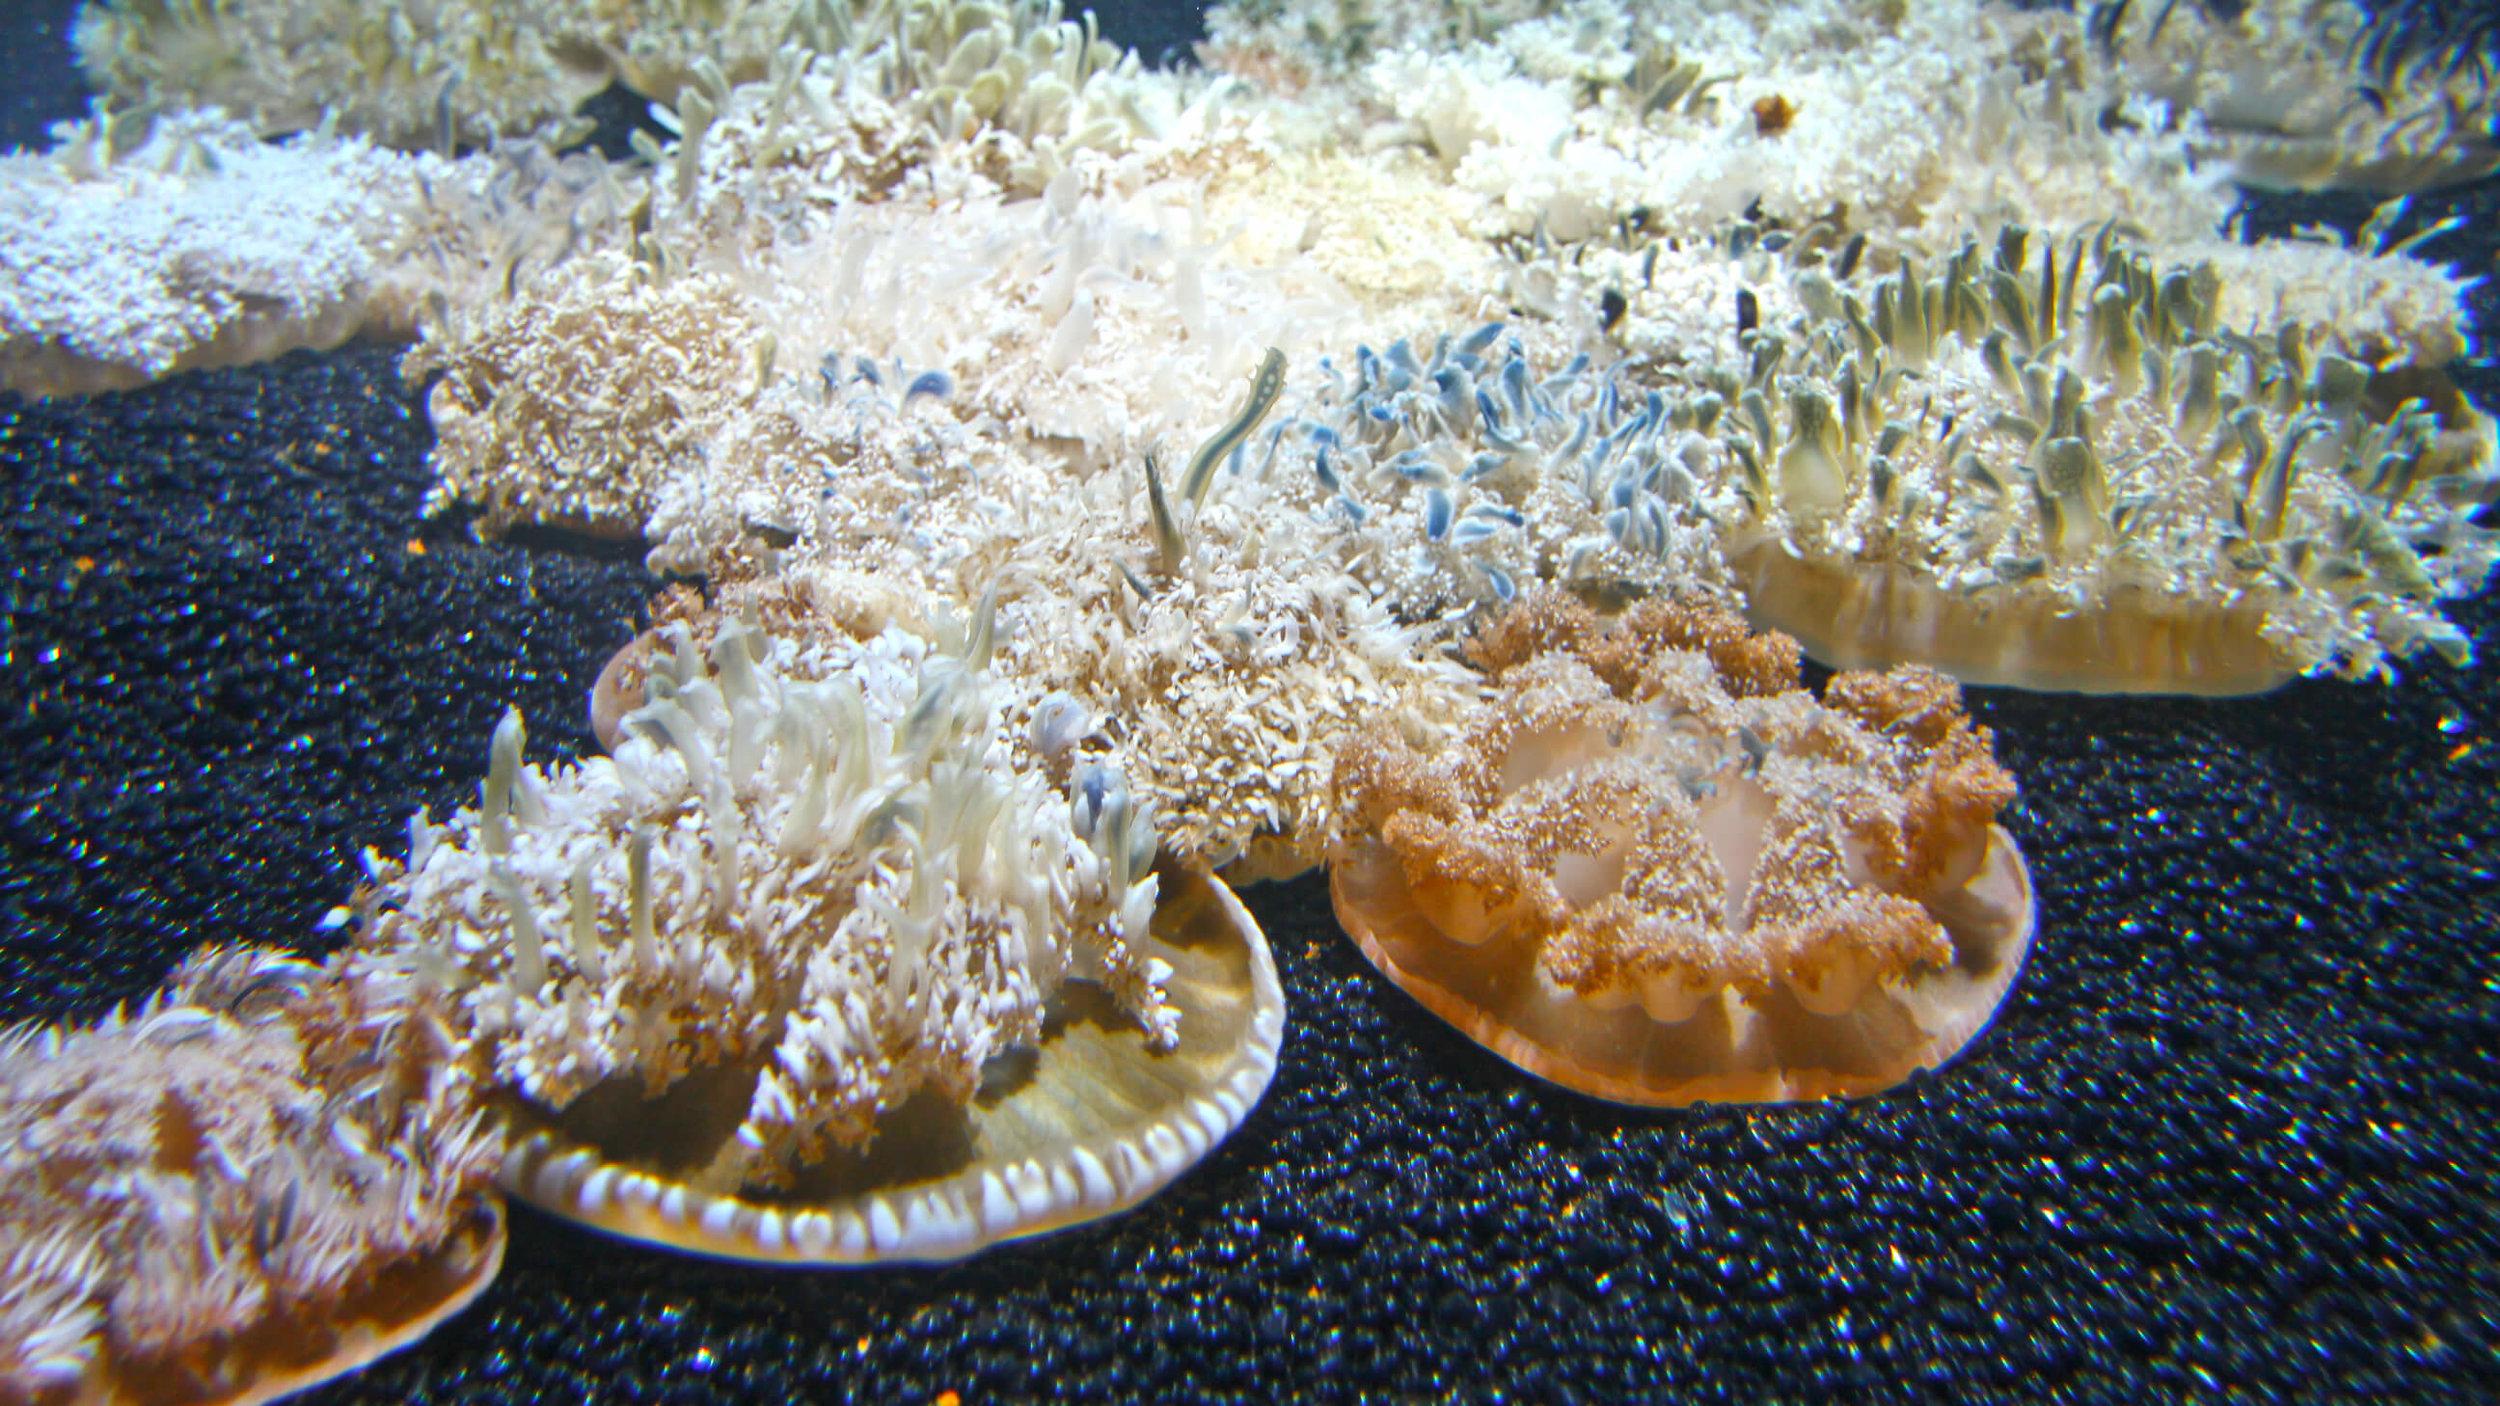 Aquarium_045.jpg